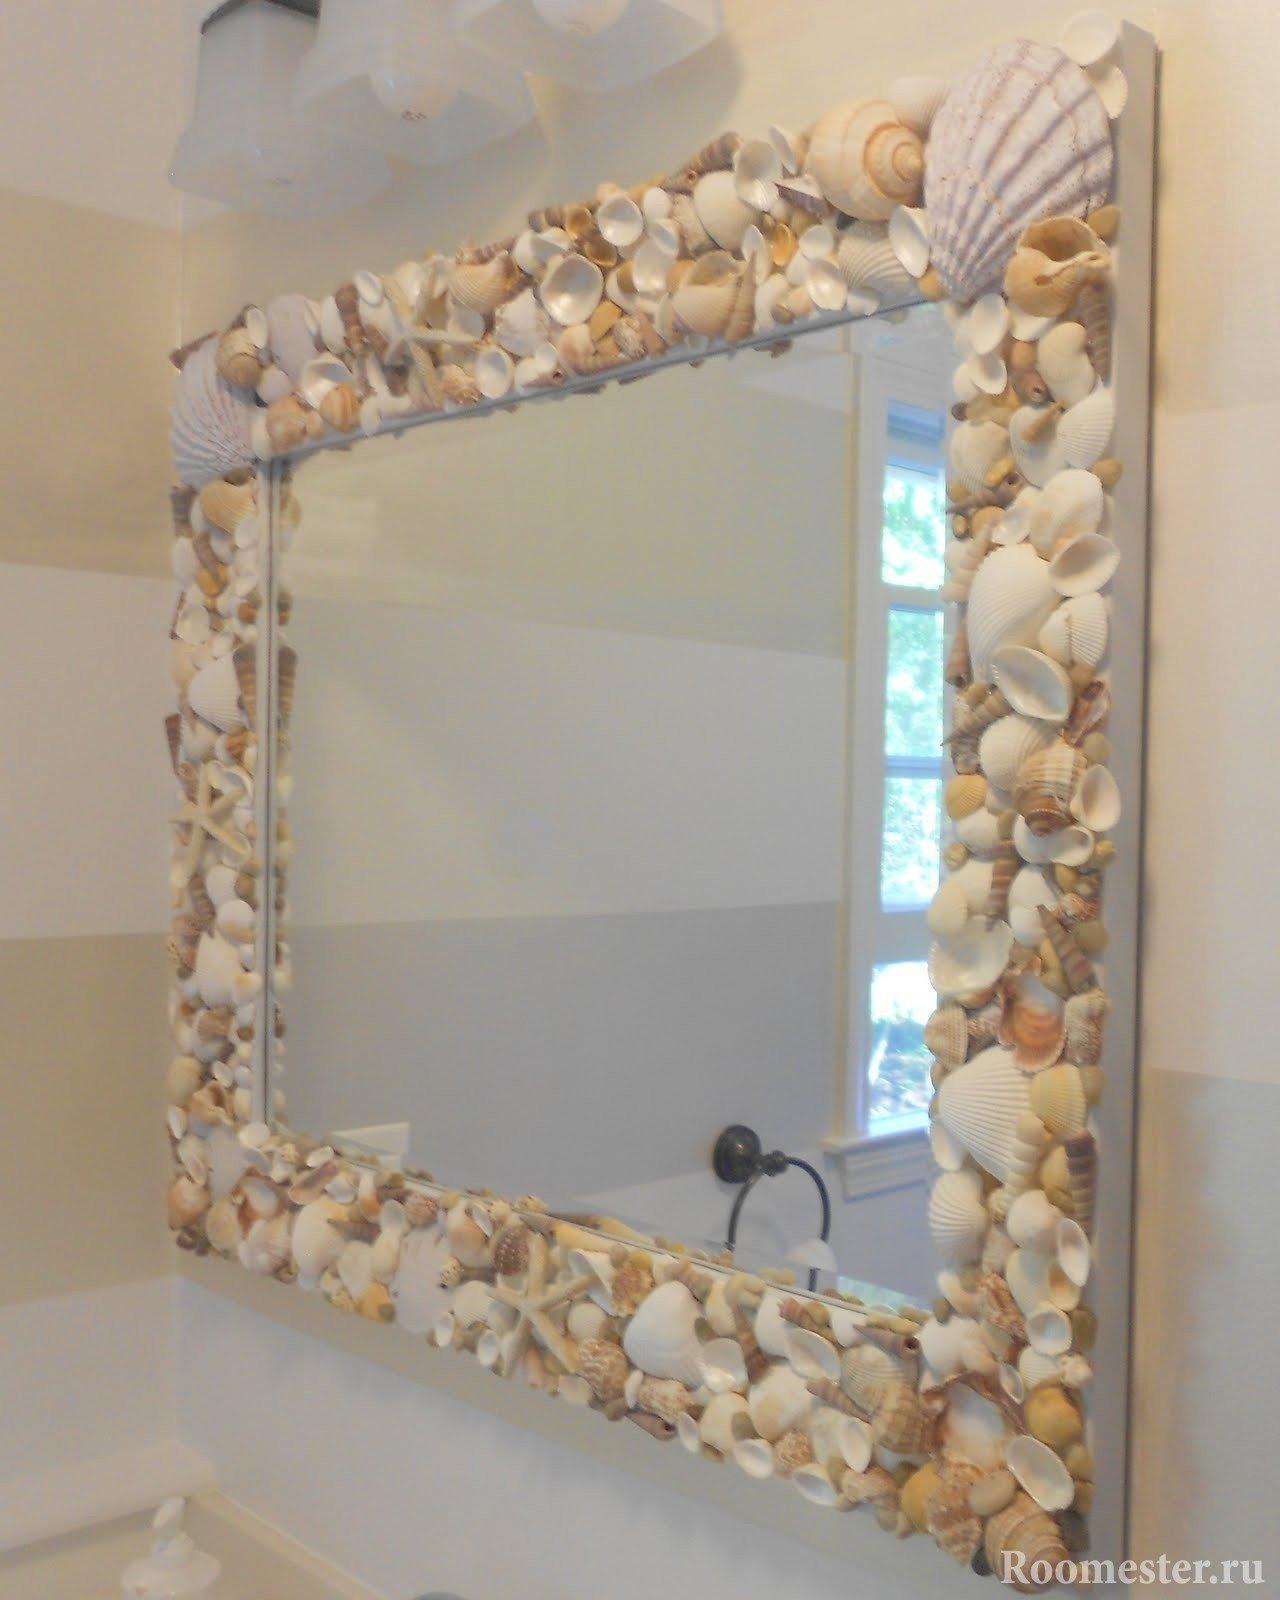 Ракушки вокруг зеркала